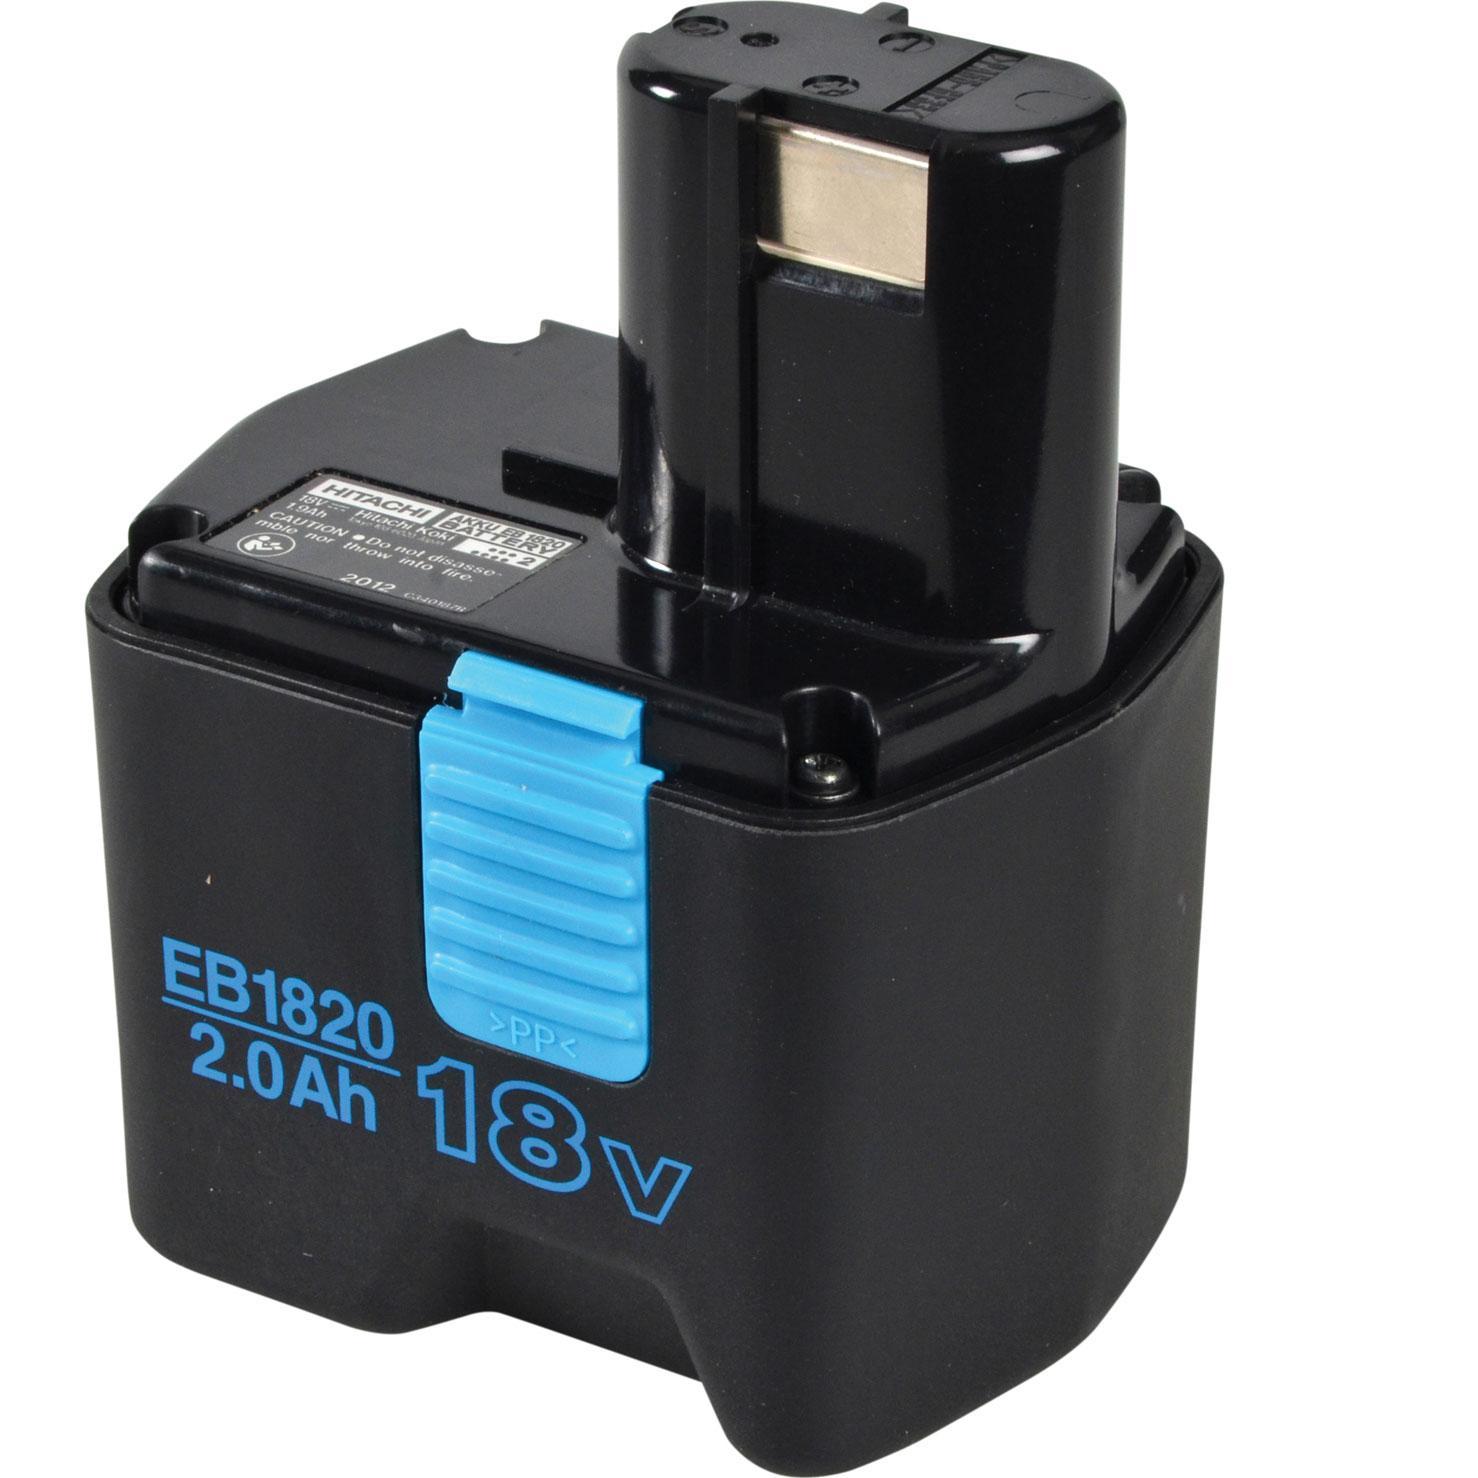 Аккумулятор Hitachi Eb 1820 цена и фото